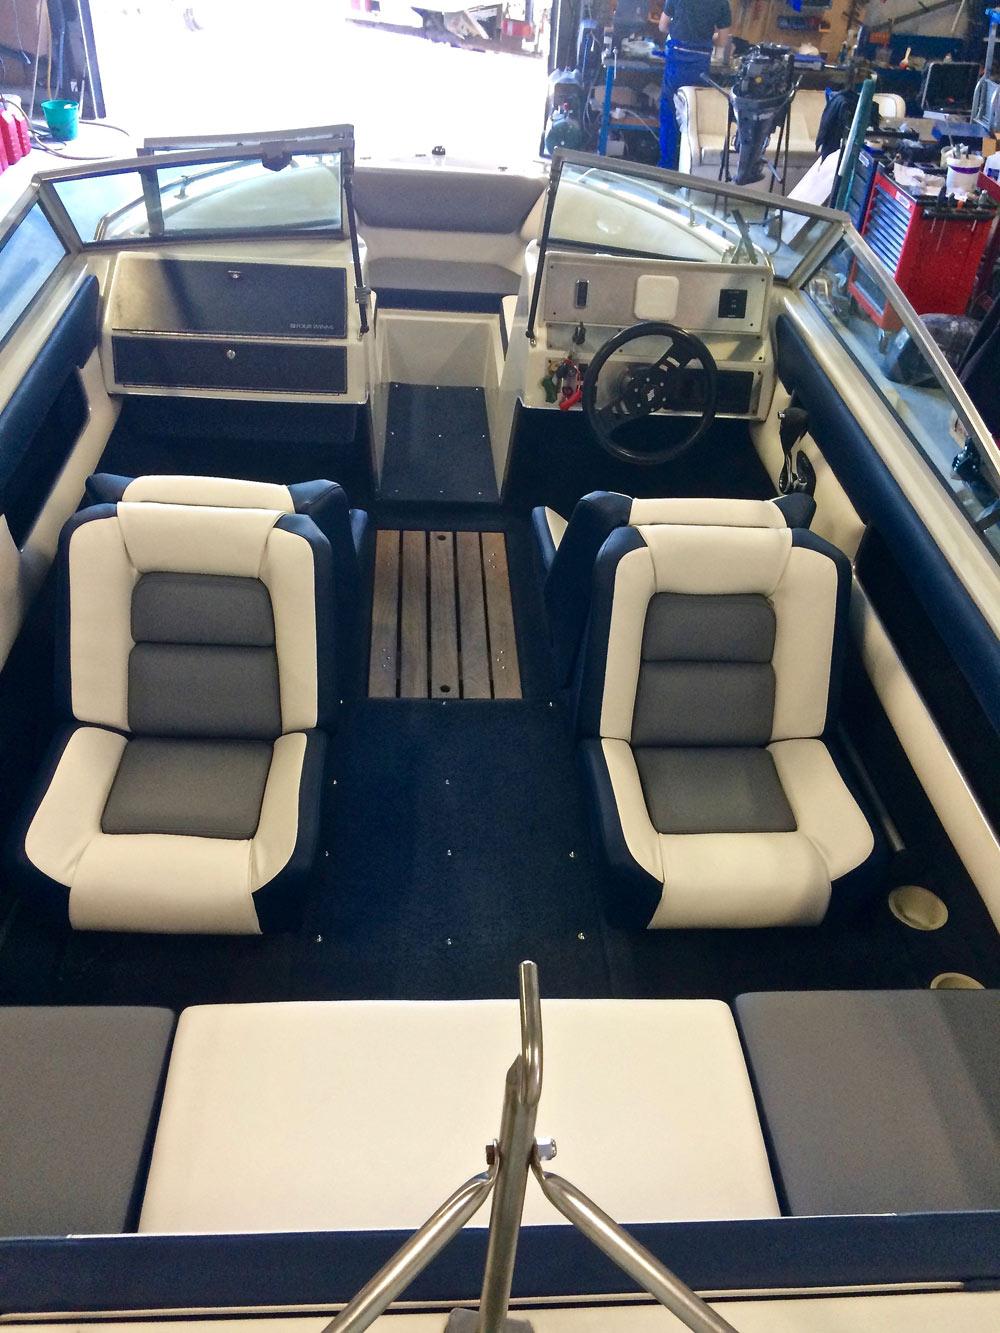 La sellerie nautique fait partie des nombreux services nautiques proposés par BBS Marine, Expert bateau moteur à Hyères